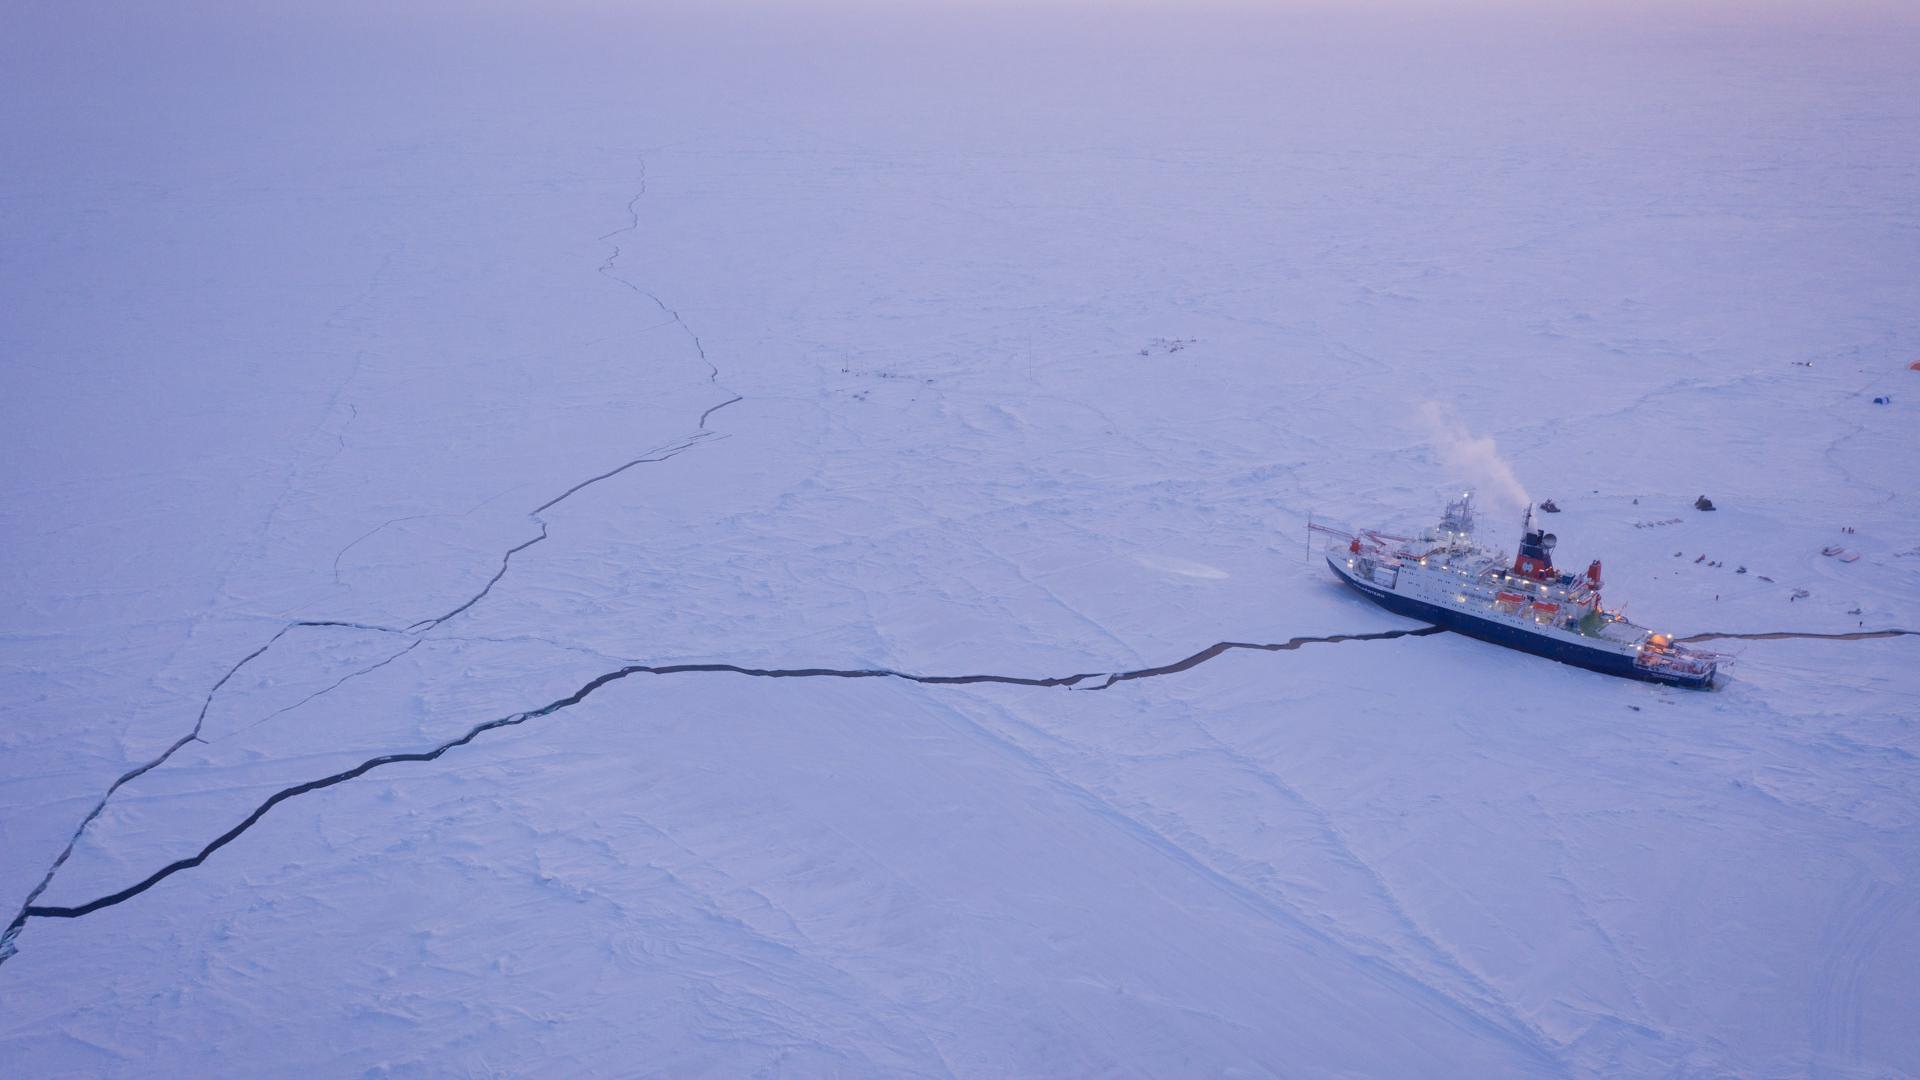 Das Forschungsschiff Polarstern liegt eingefrohren im Eis der Zentralarktis.